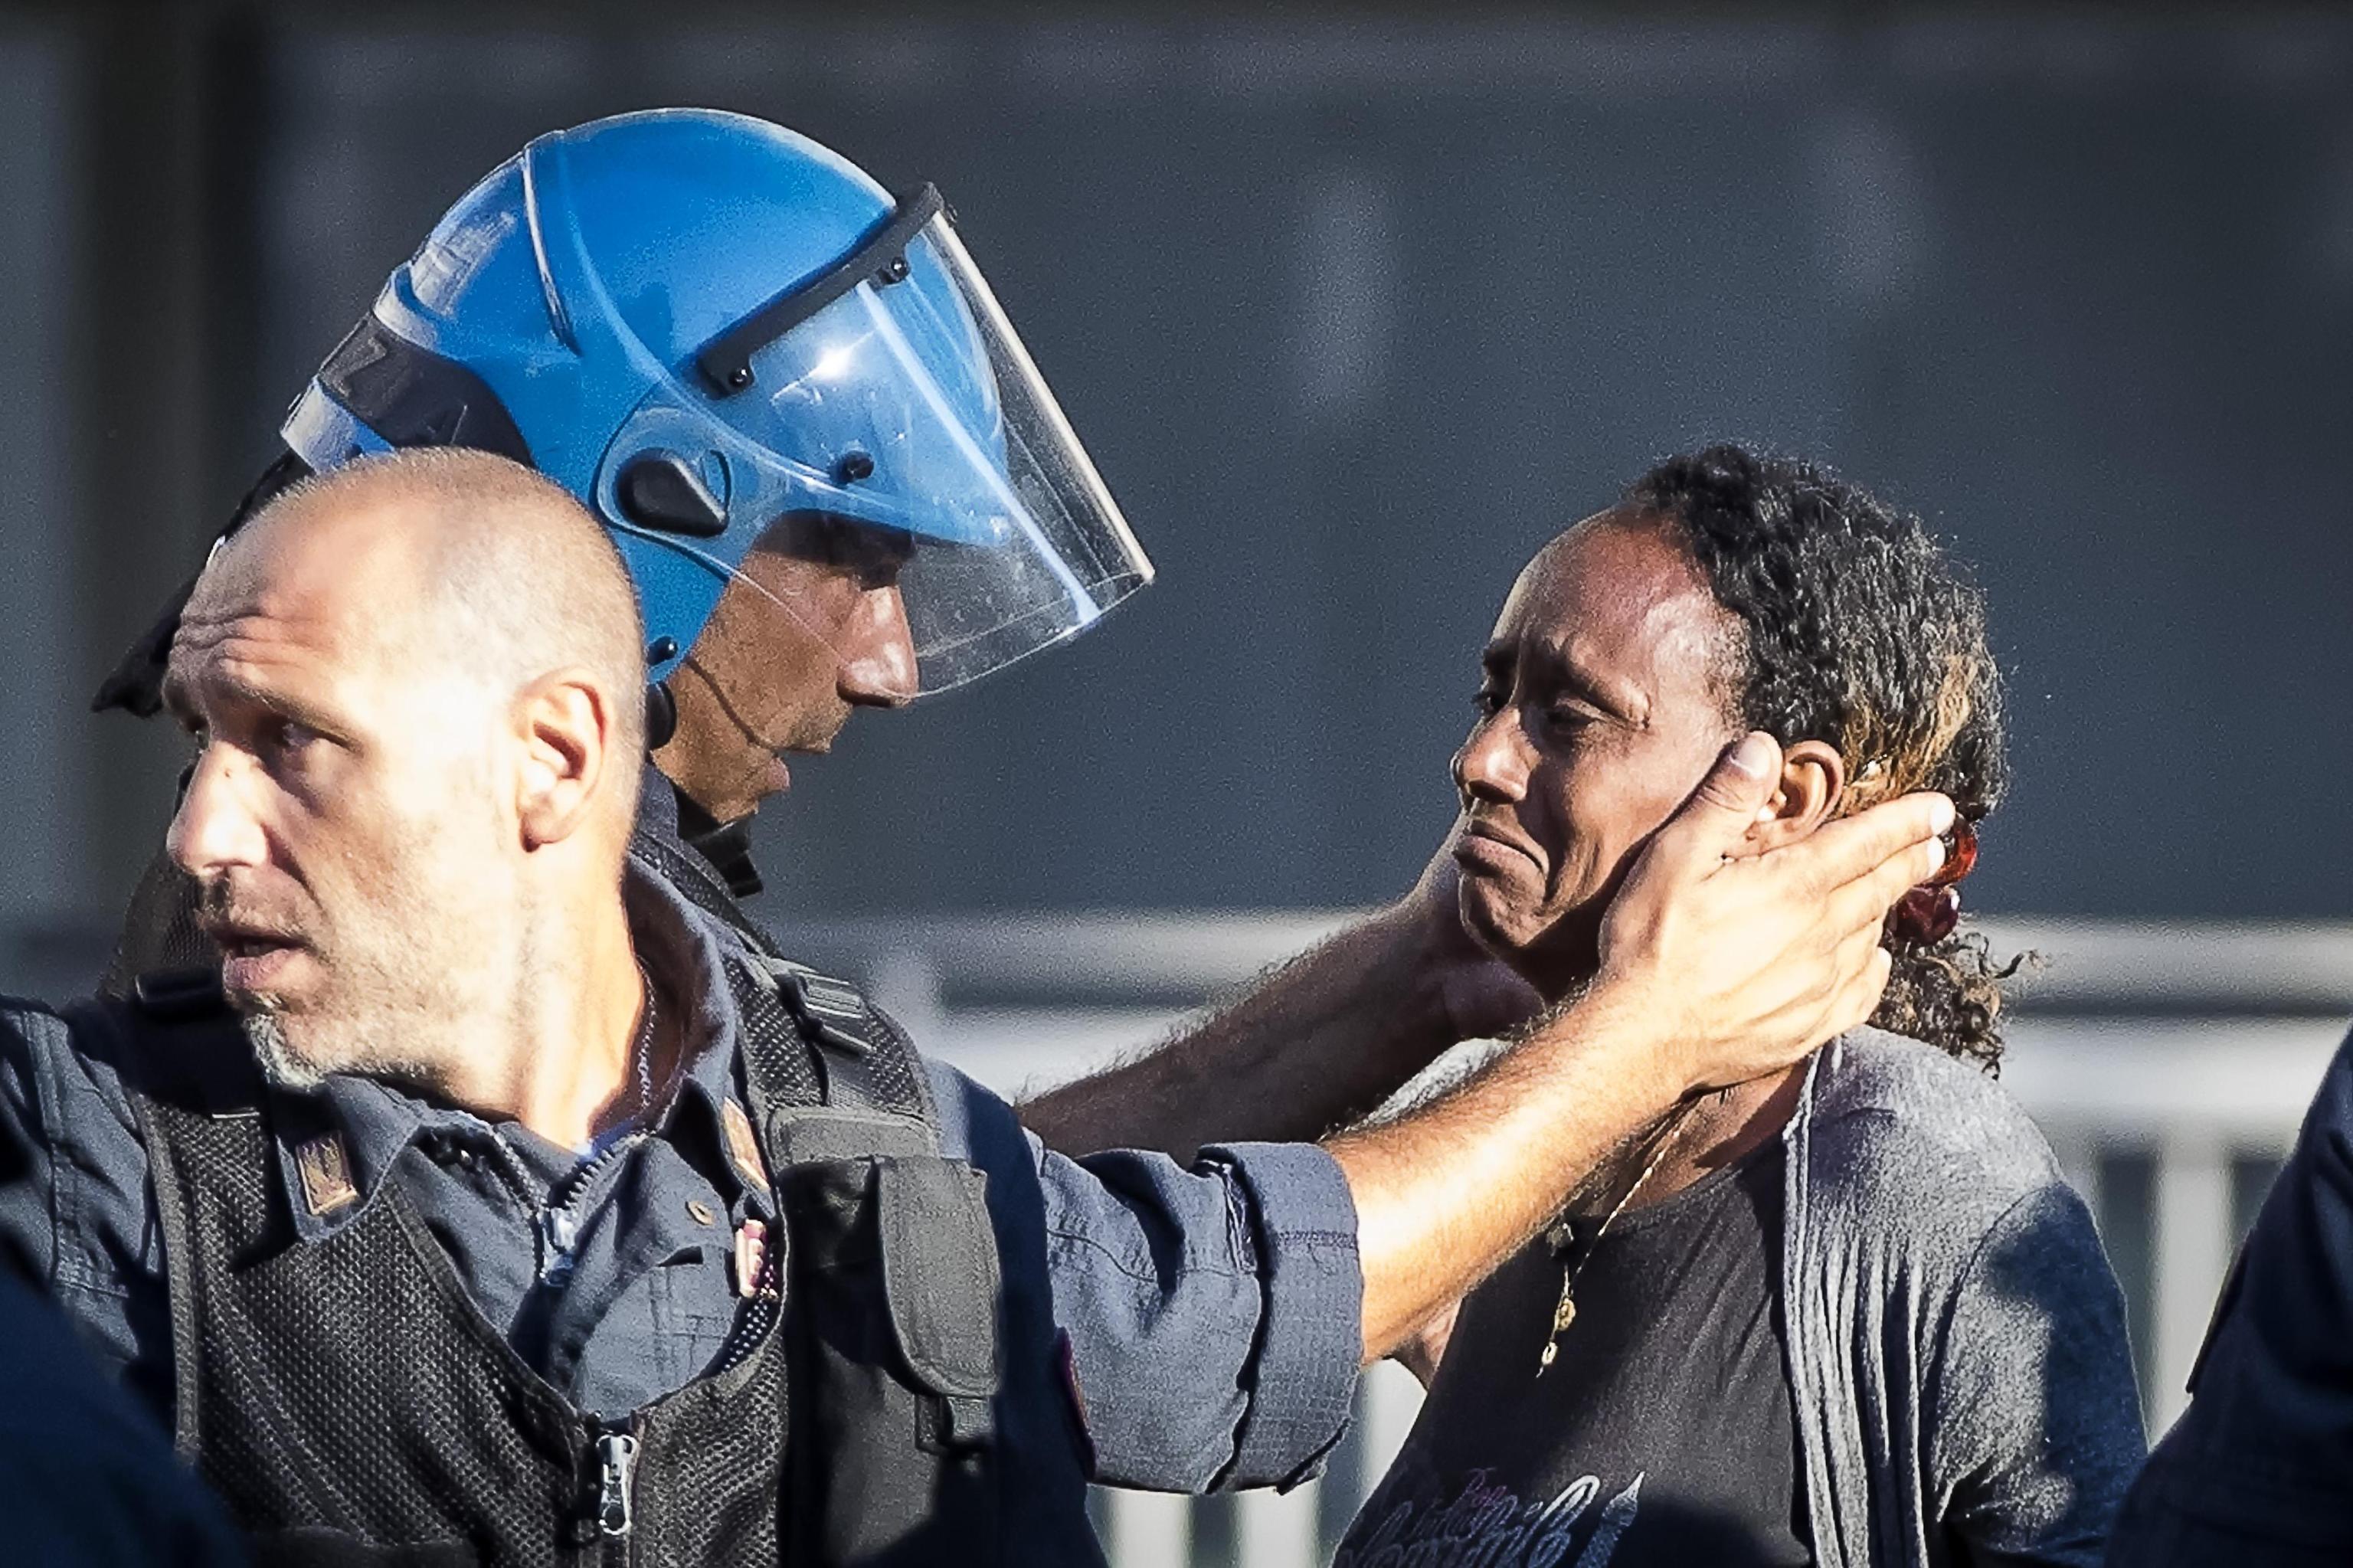 Roma: la carezza che da speranza nell'umanità